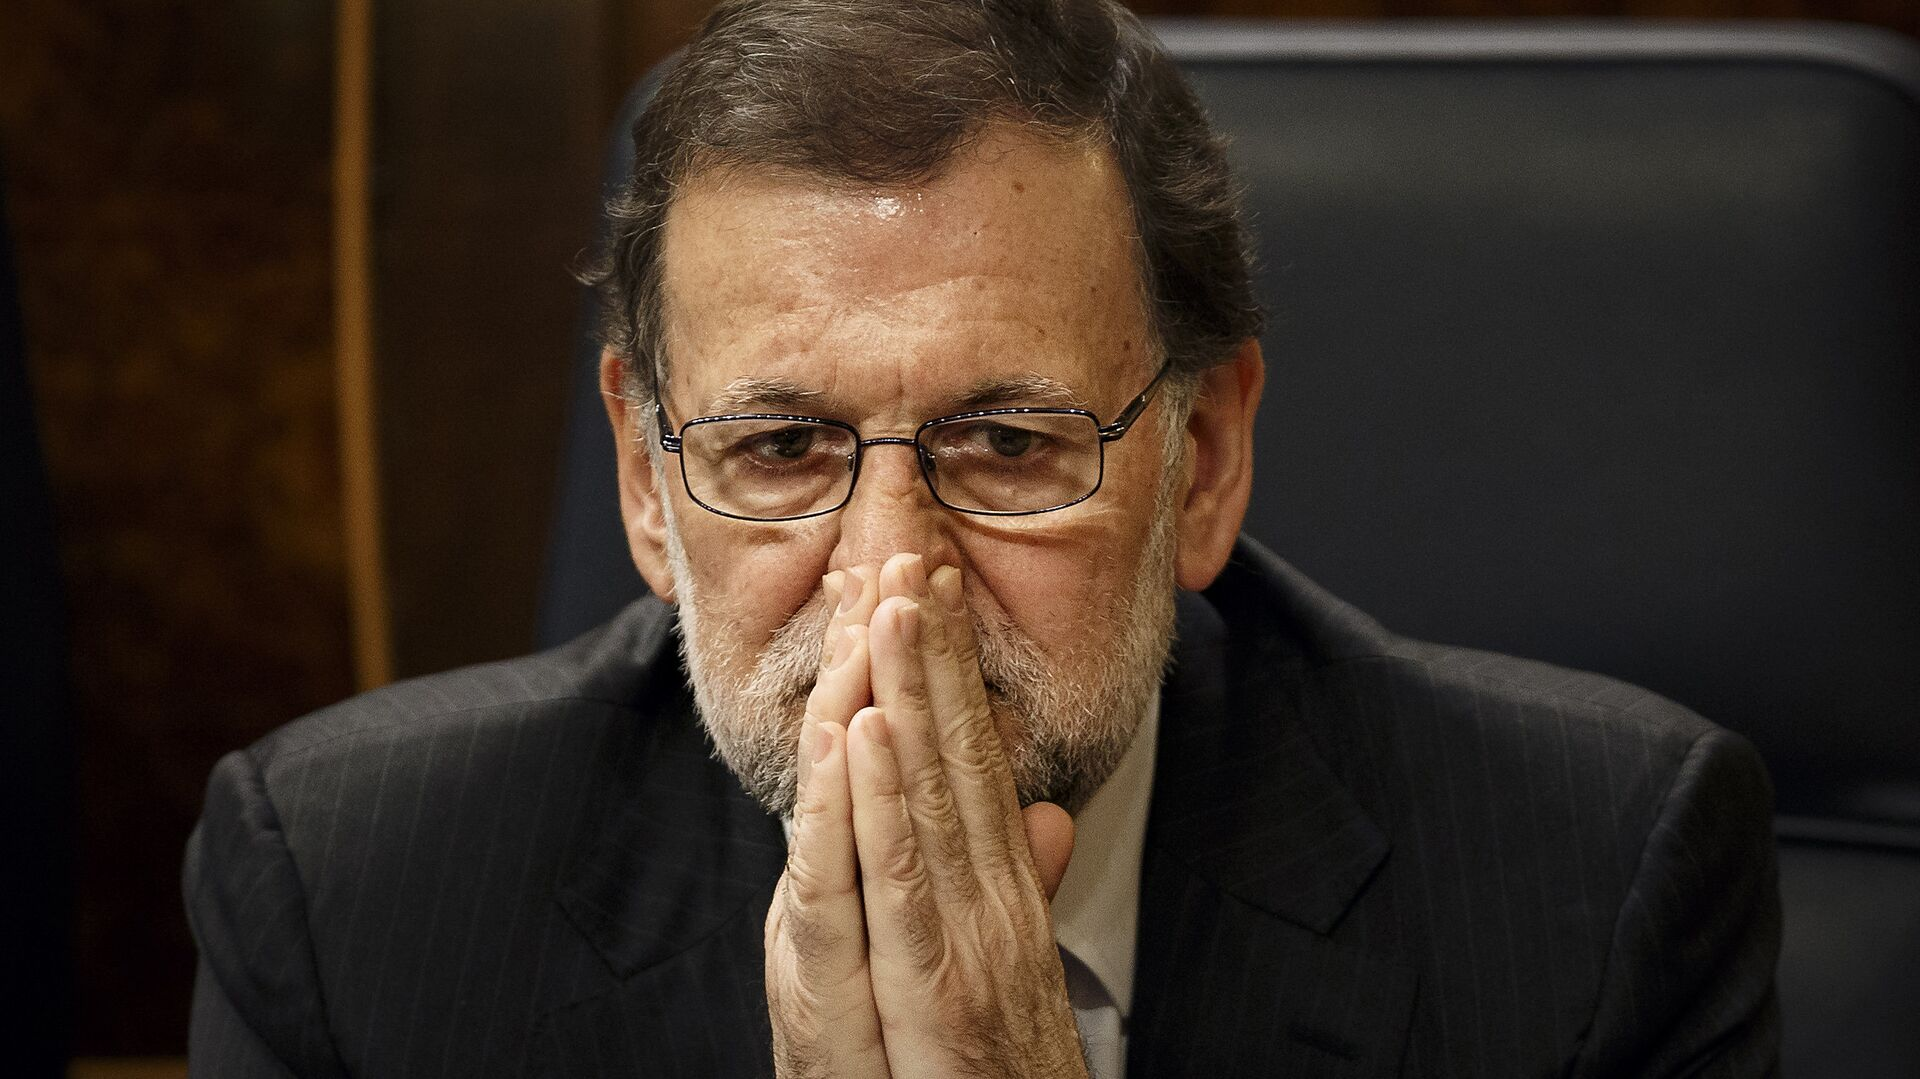 Mariano Rajoy, expresidente del Gobierno de España - Sputnik Mundo, 1920, 02.07.2021